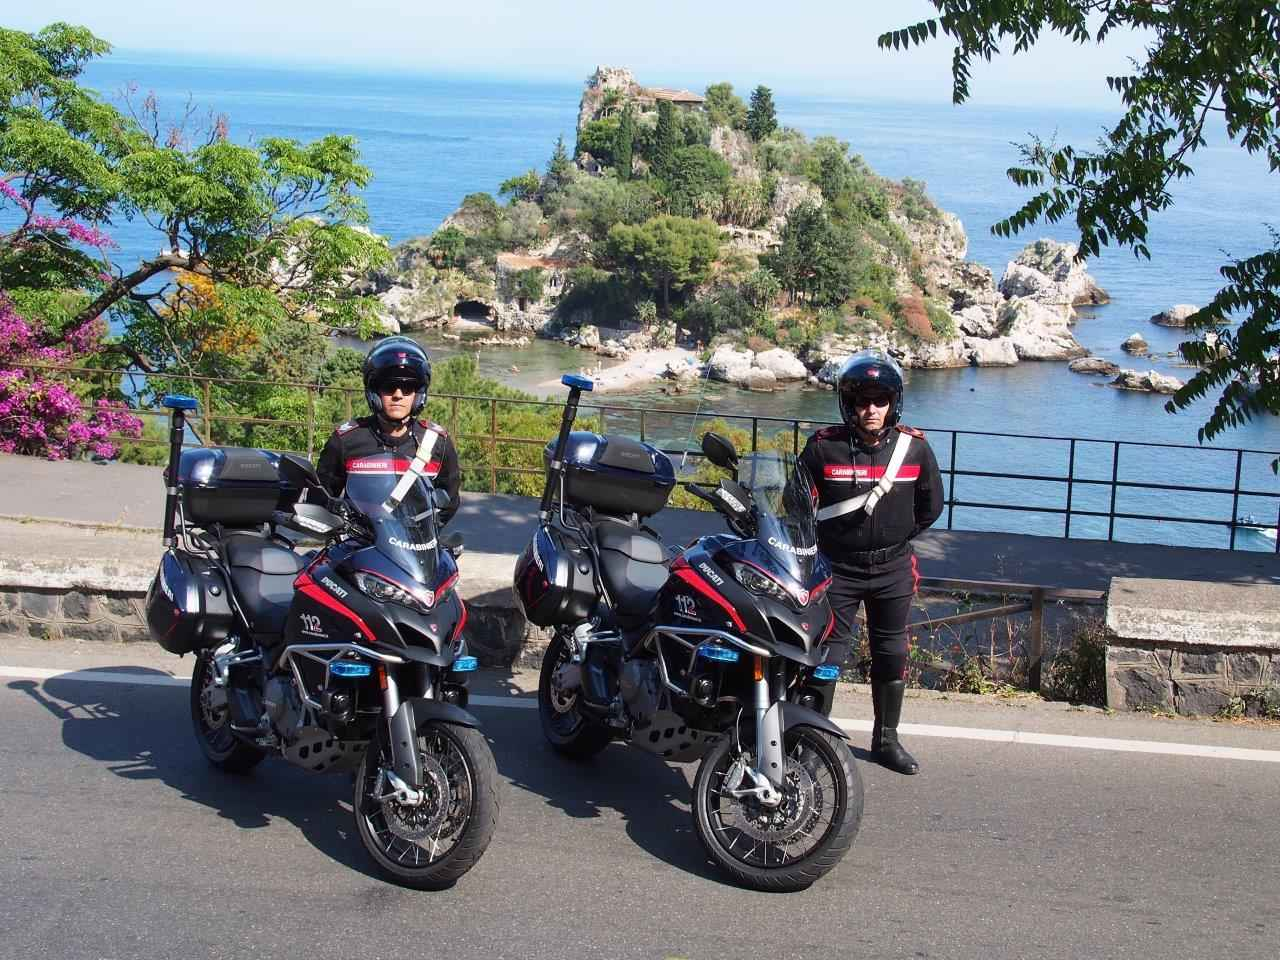 画像2: イタリア国家治安警察隊仕様のムルティストラーダが、シチリア島で開催された G7 サミットでデビュー!